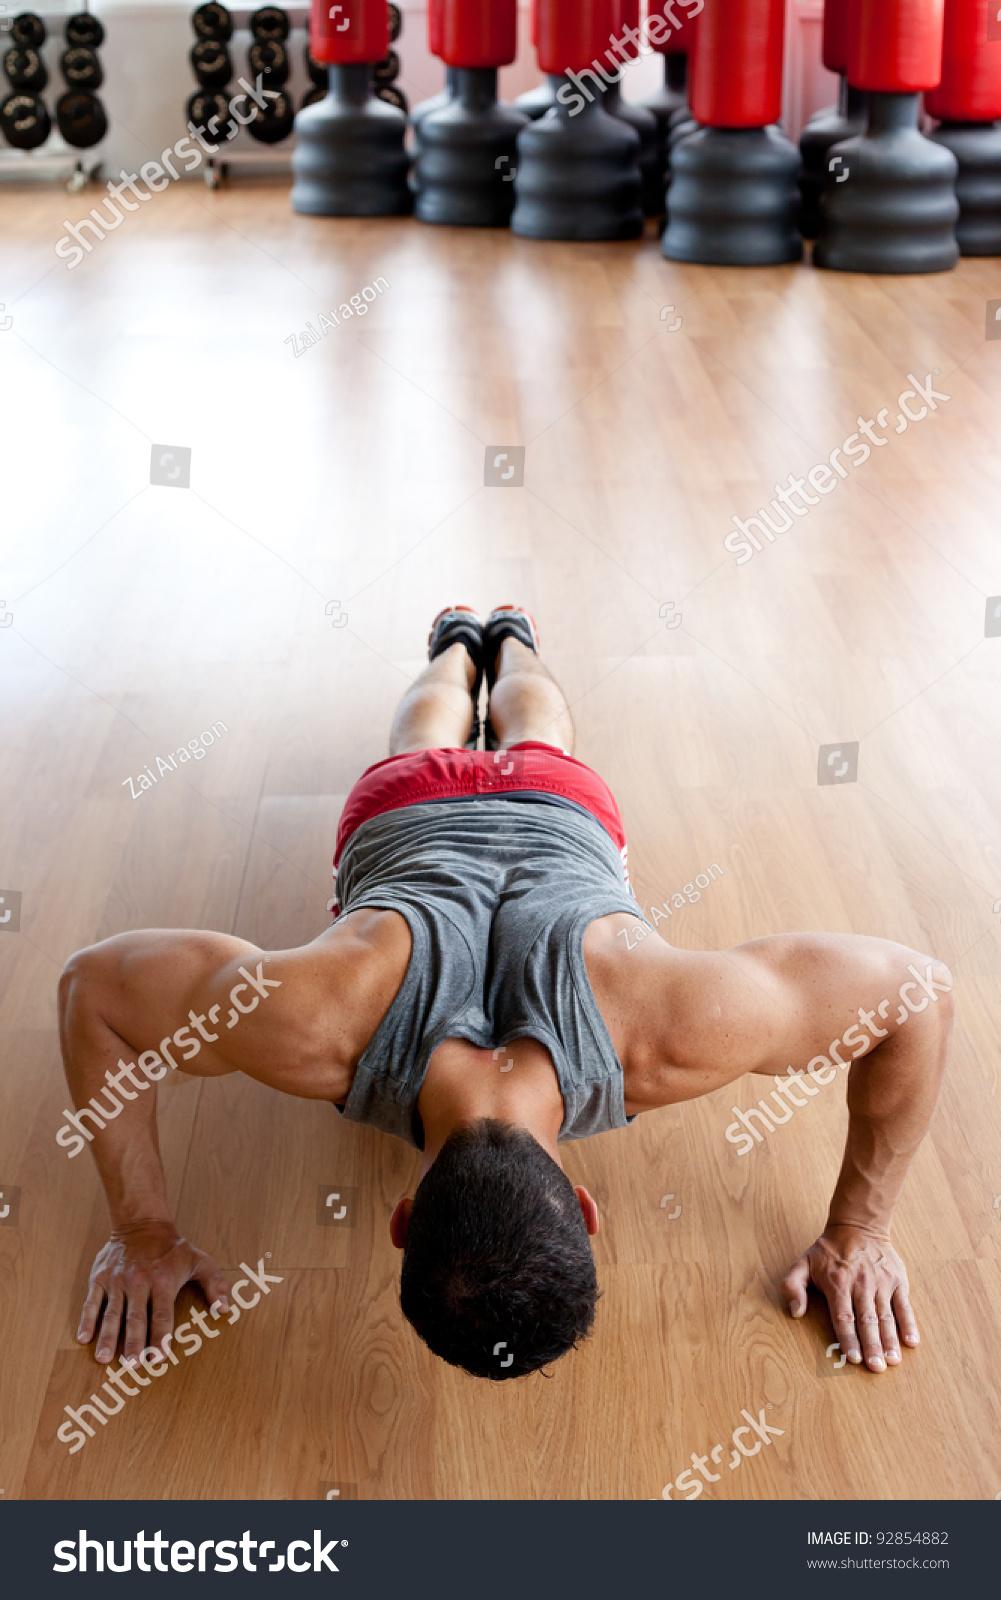 how to start doing push ups